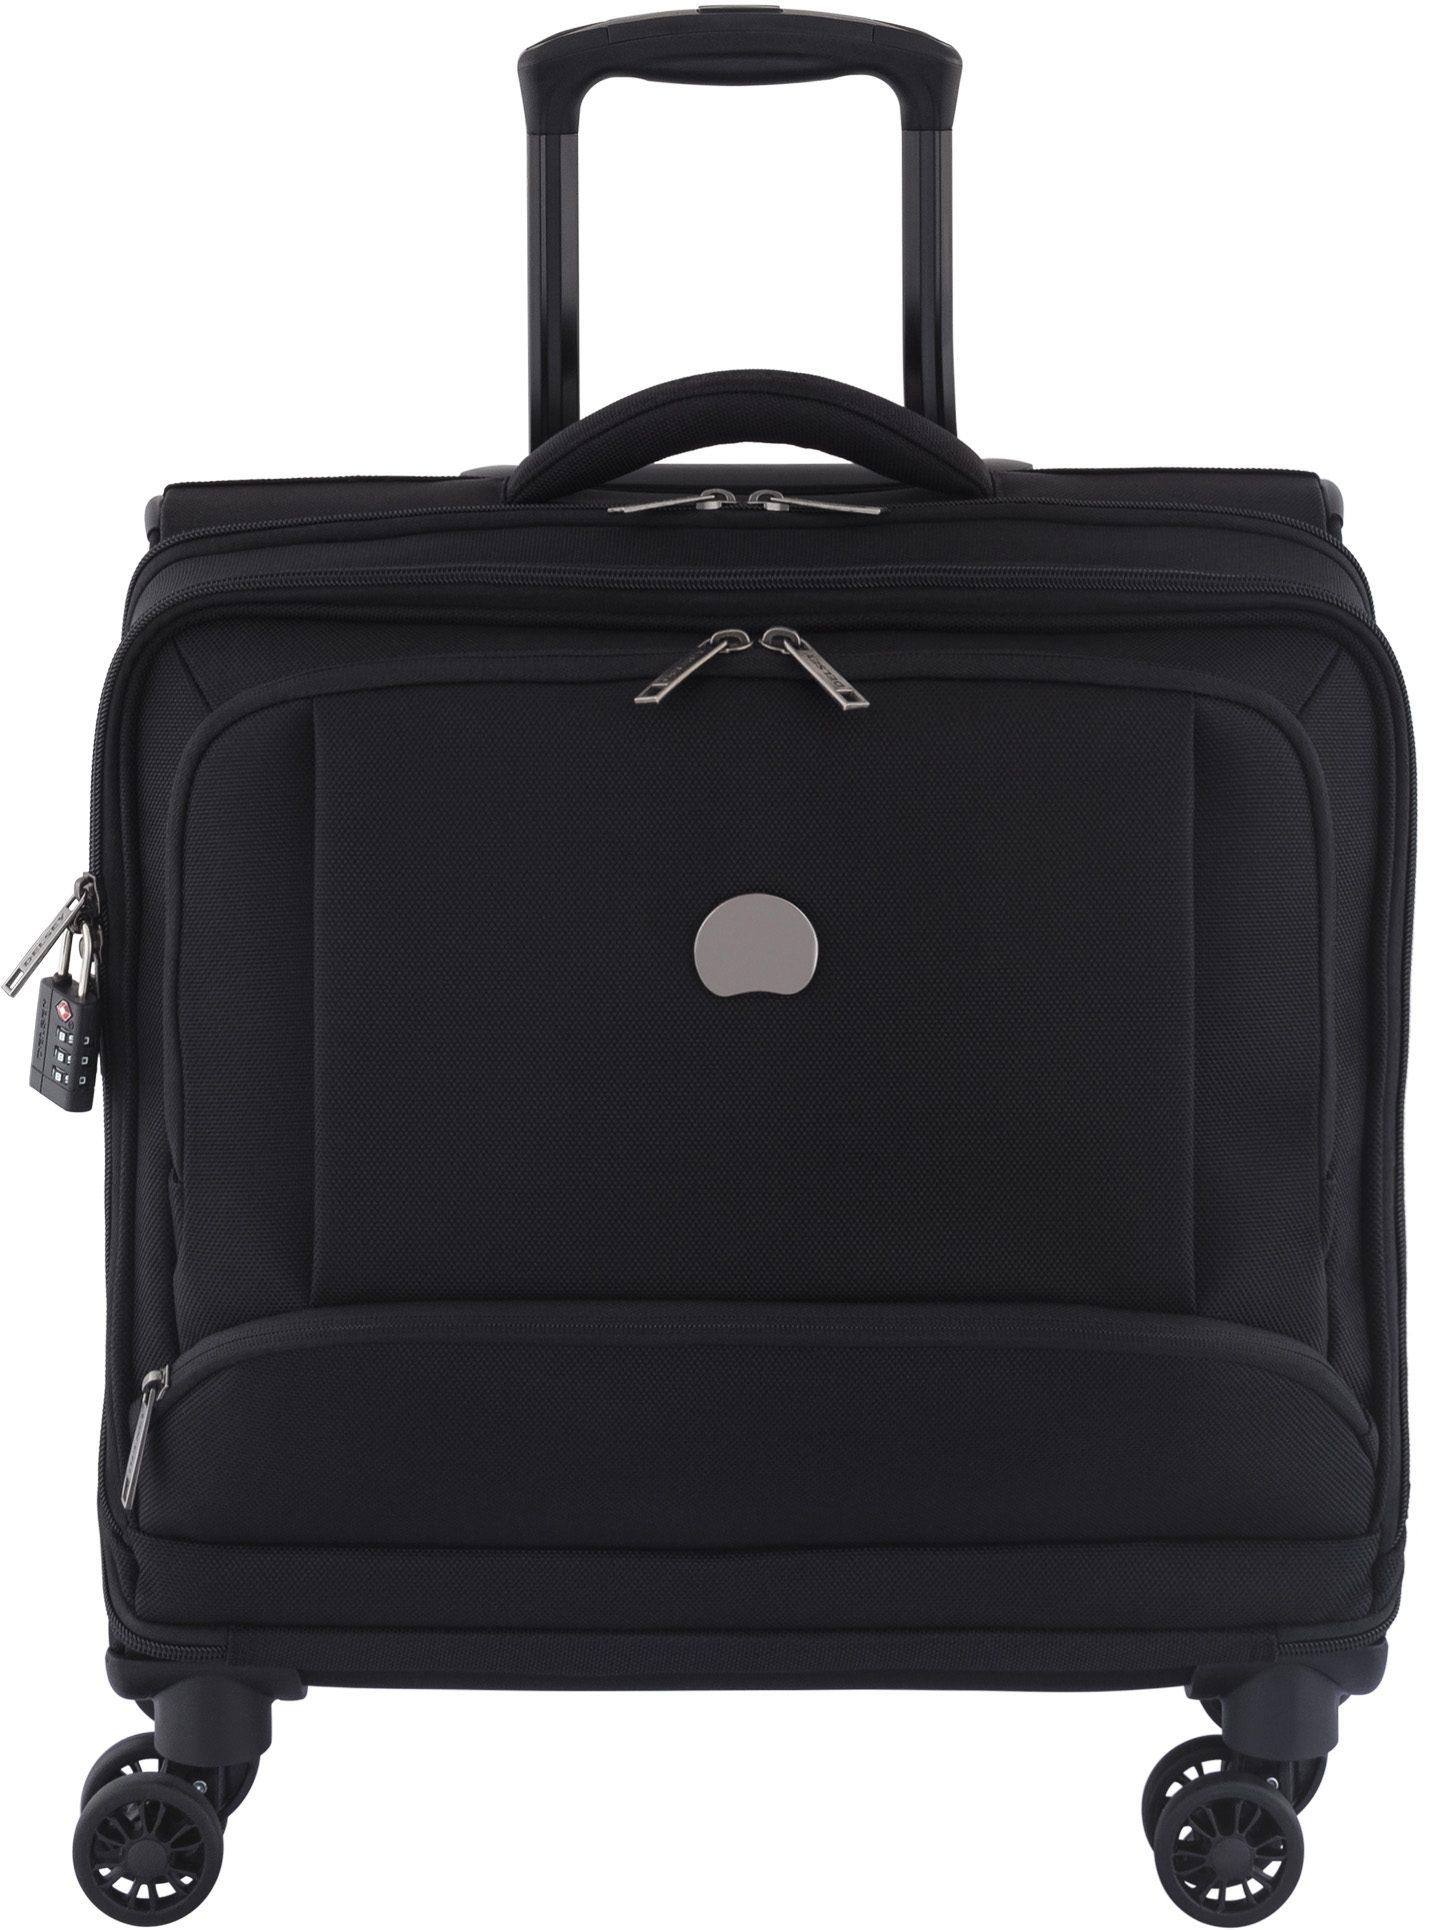 DELSEY Businesstrolley mit 15,6 Zoll Laptopfach und 4 Rollen, »Montmartre Pro«